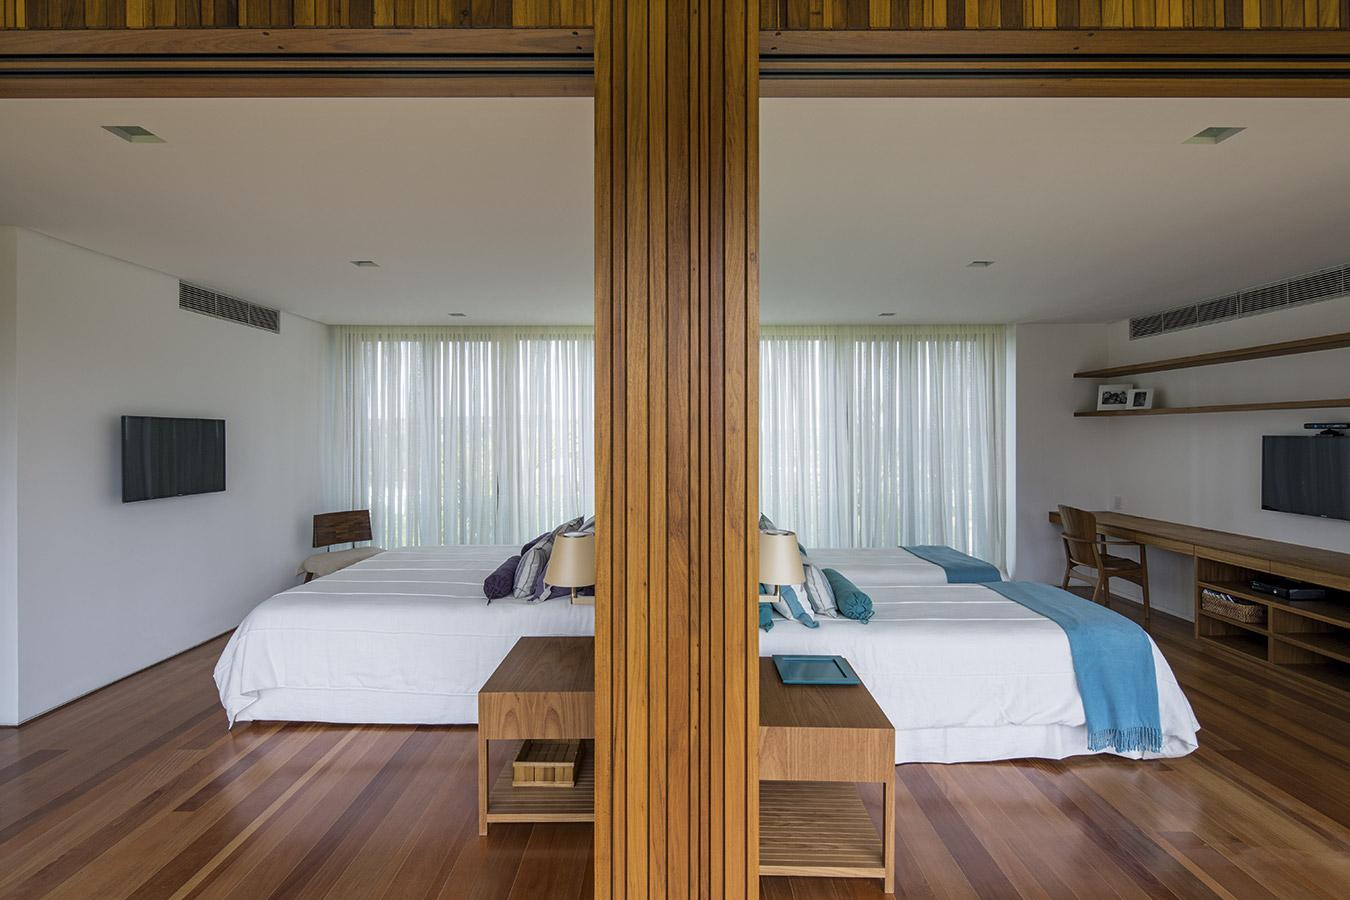 Las puertas correderas dobles, al abrirse por completo, vinculan totalmente los dormitorios con la circulación para permitir la ventilación cruzada y la expansión del espacio.